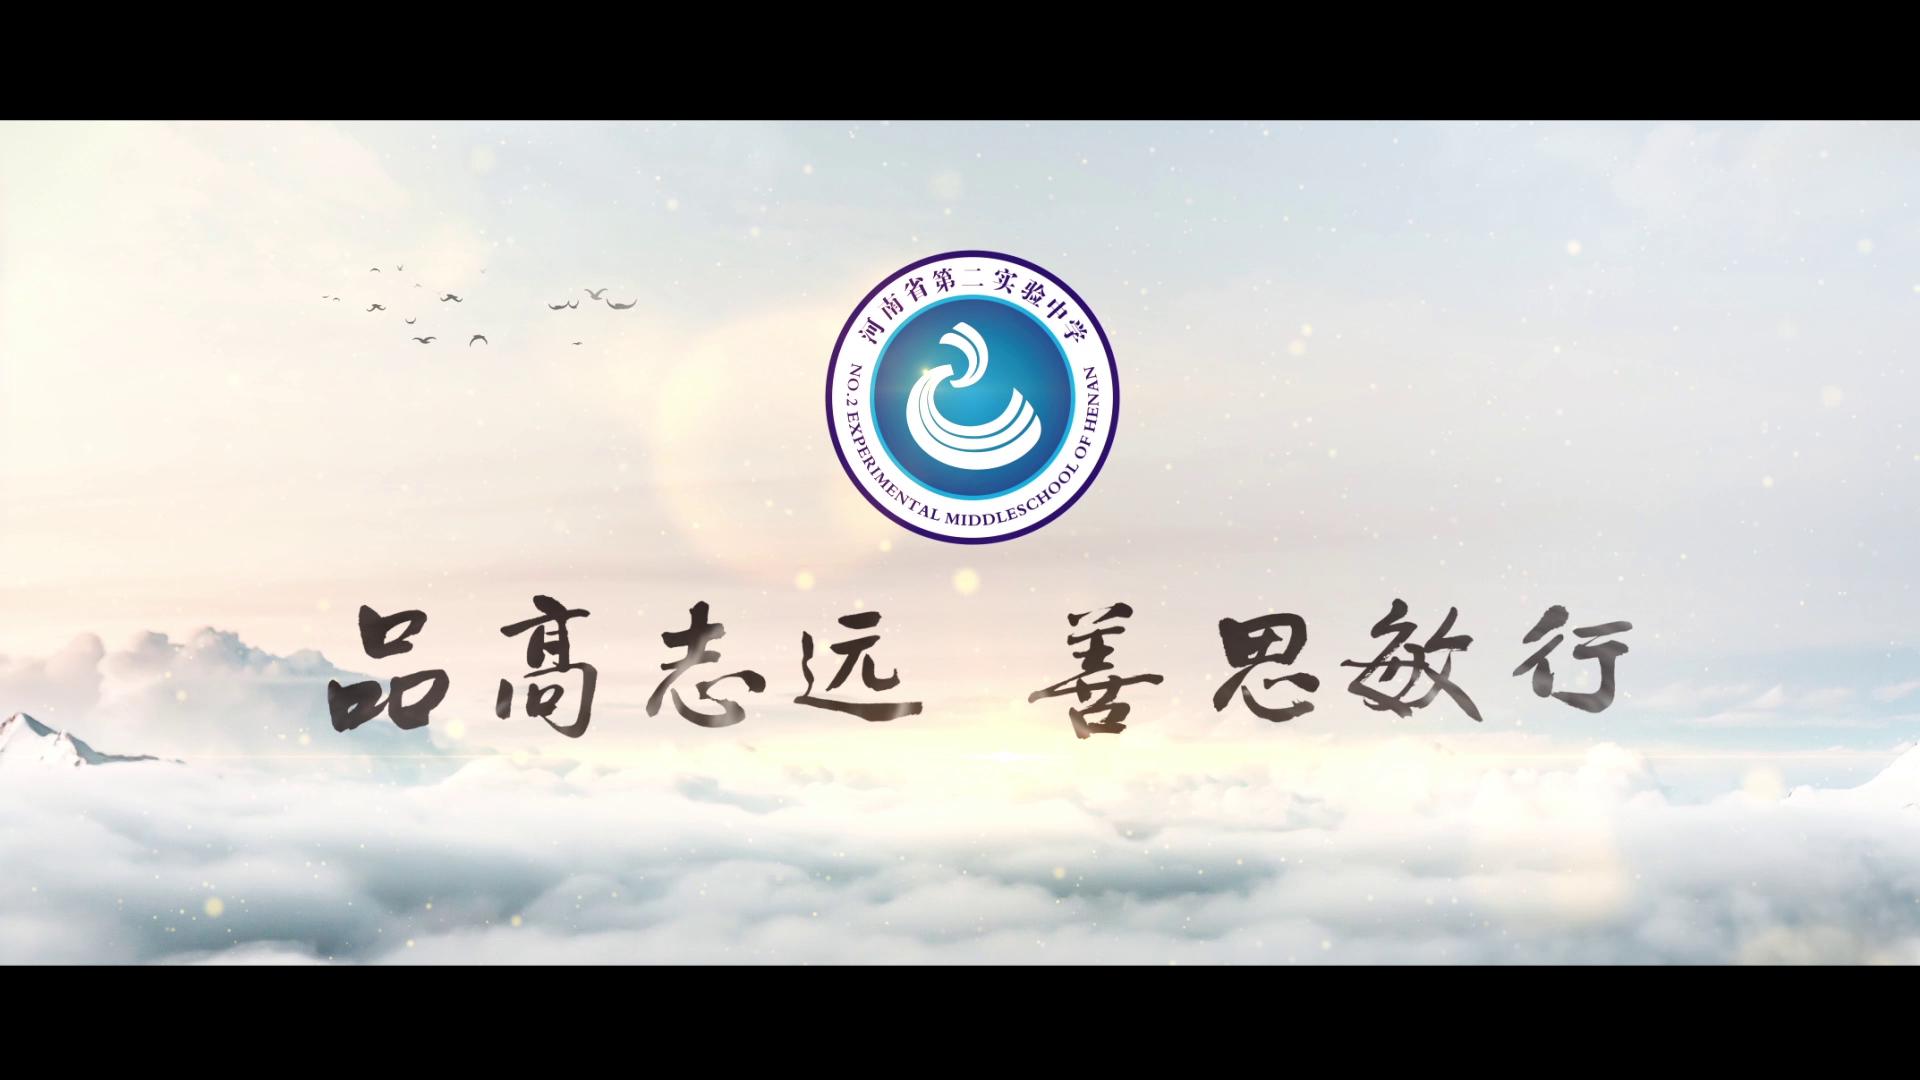 影视案例插图8奥格威(中国)官方网站-影视视频制作 ·拍摄·剪辑·推广